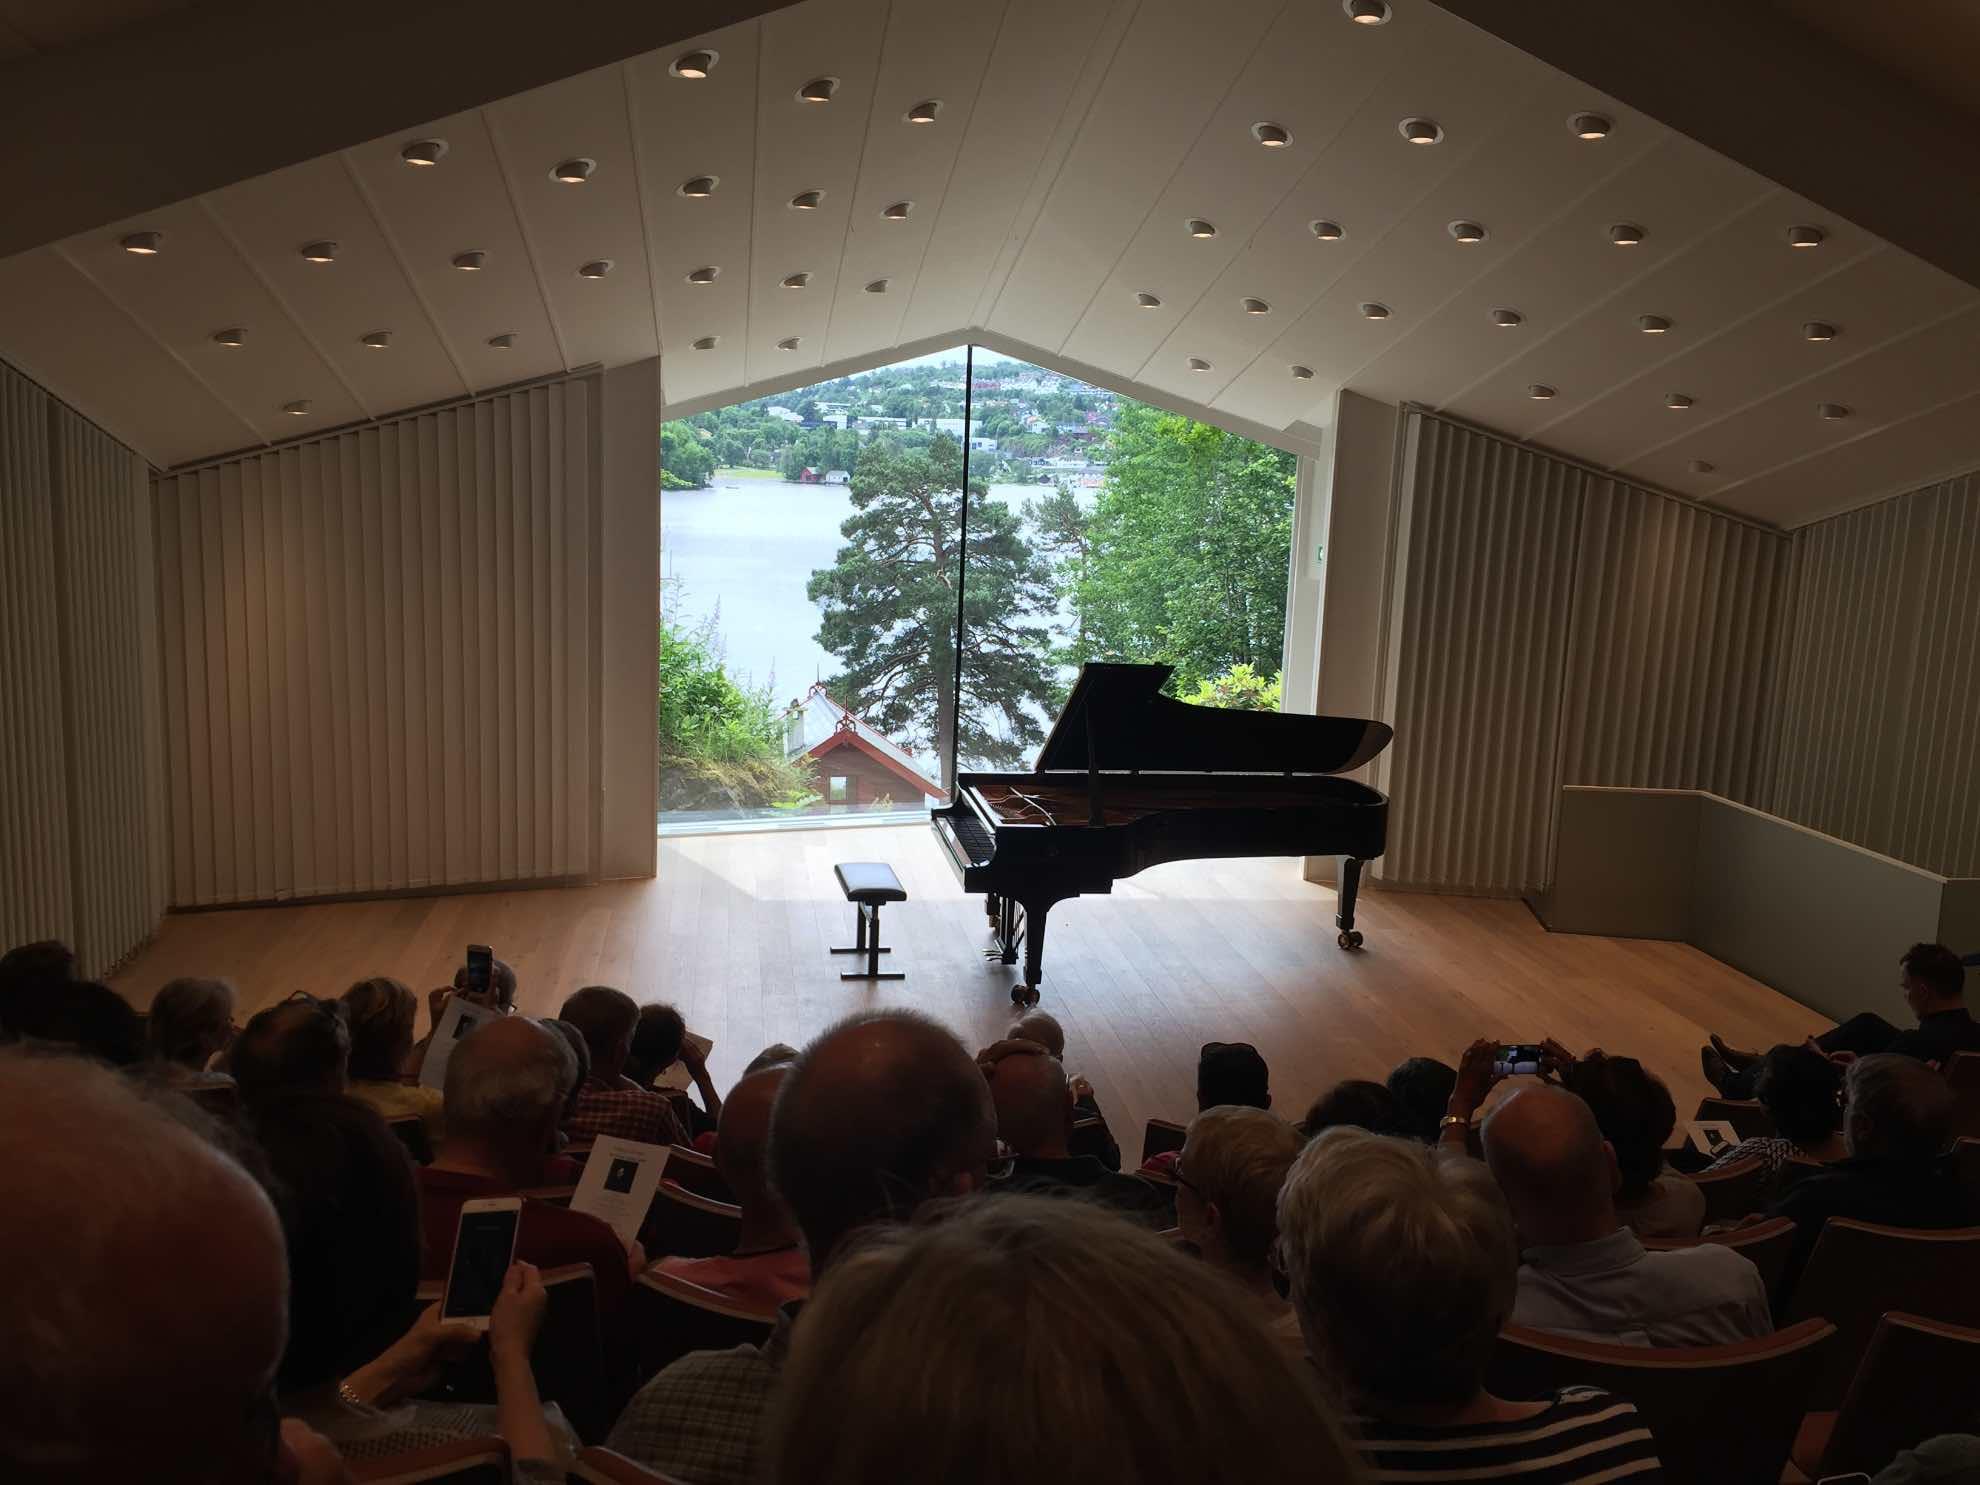 Ein besonderes Konzert mit besonderer Aussicht – wir besuchen ein Klavierkonzert im Edvard Grieg Museum Troldhaugen.